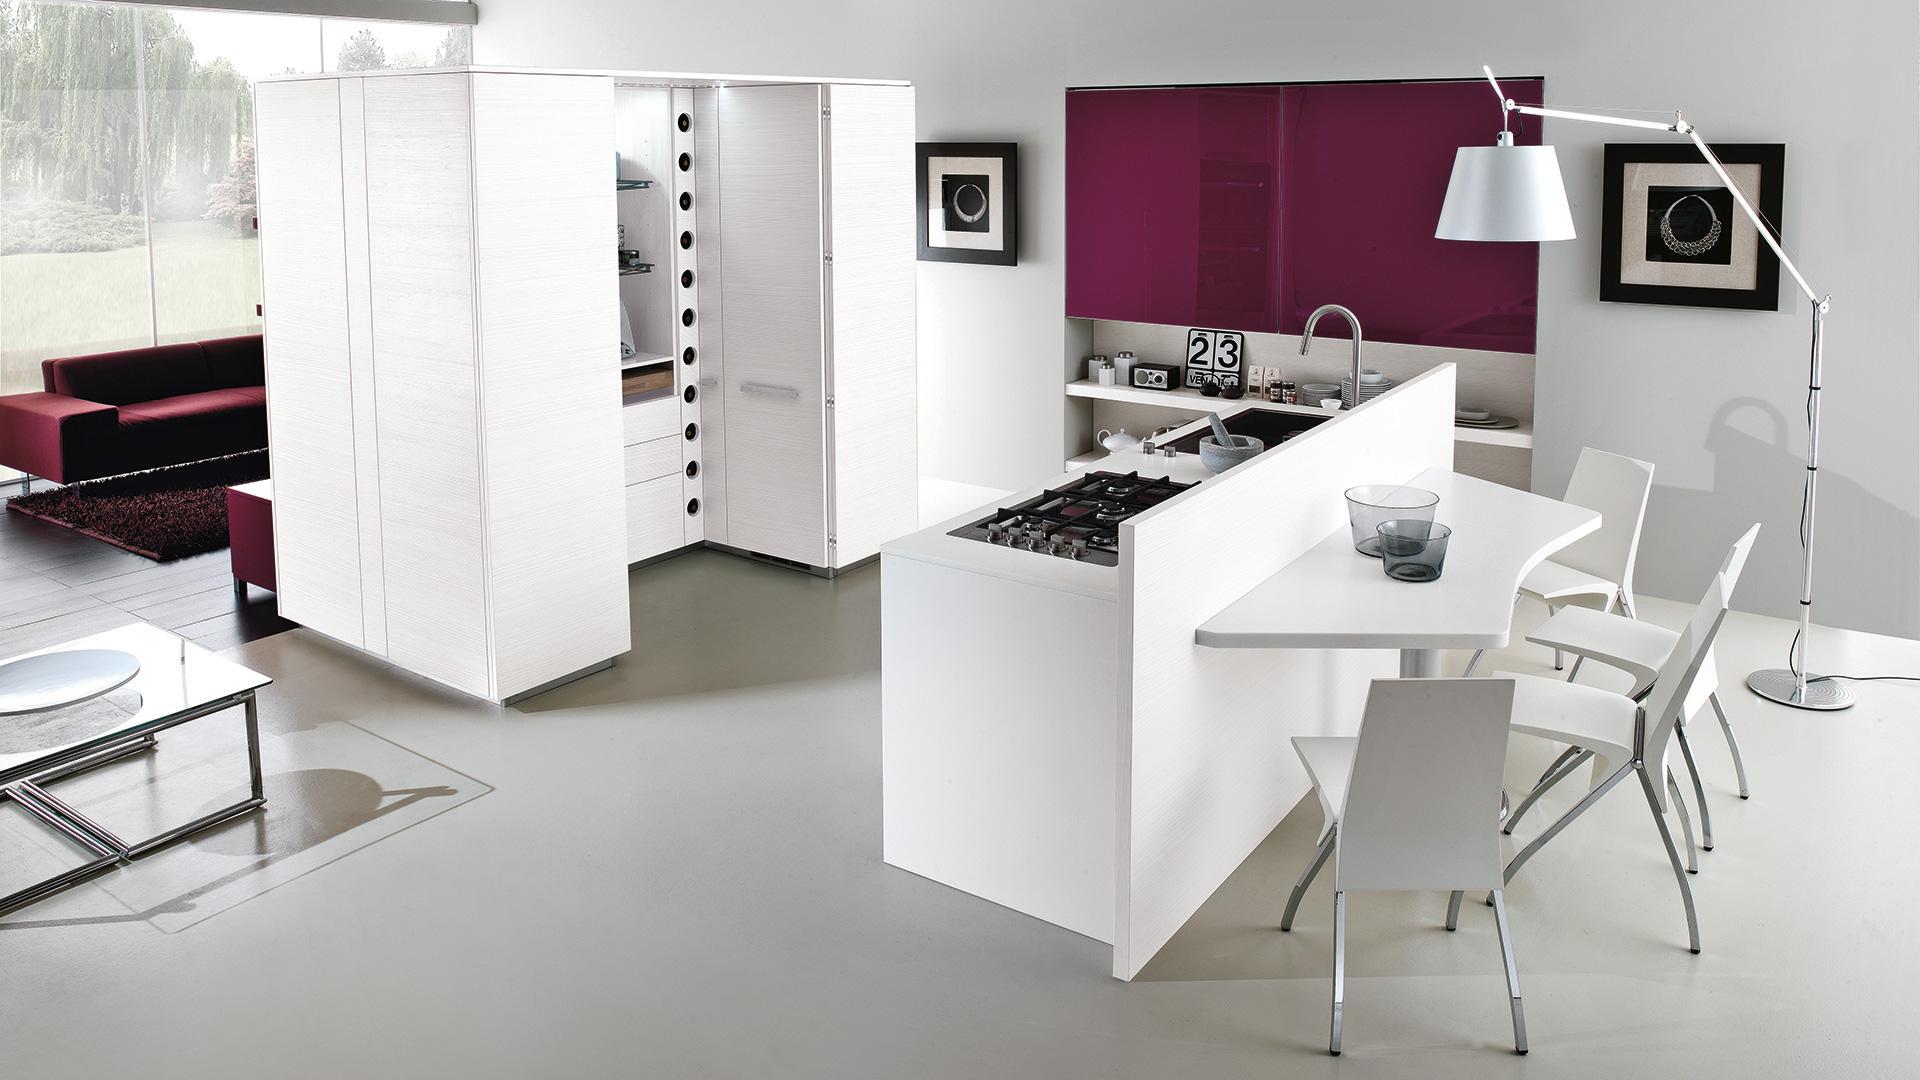 Cucina moderna con isola: 4 motivi per sceglierla - Lube ...